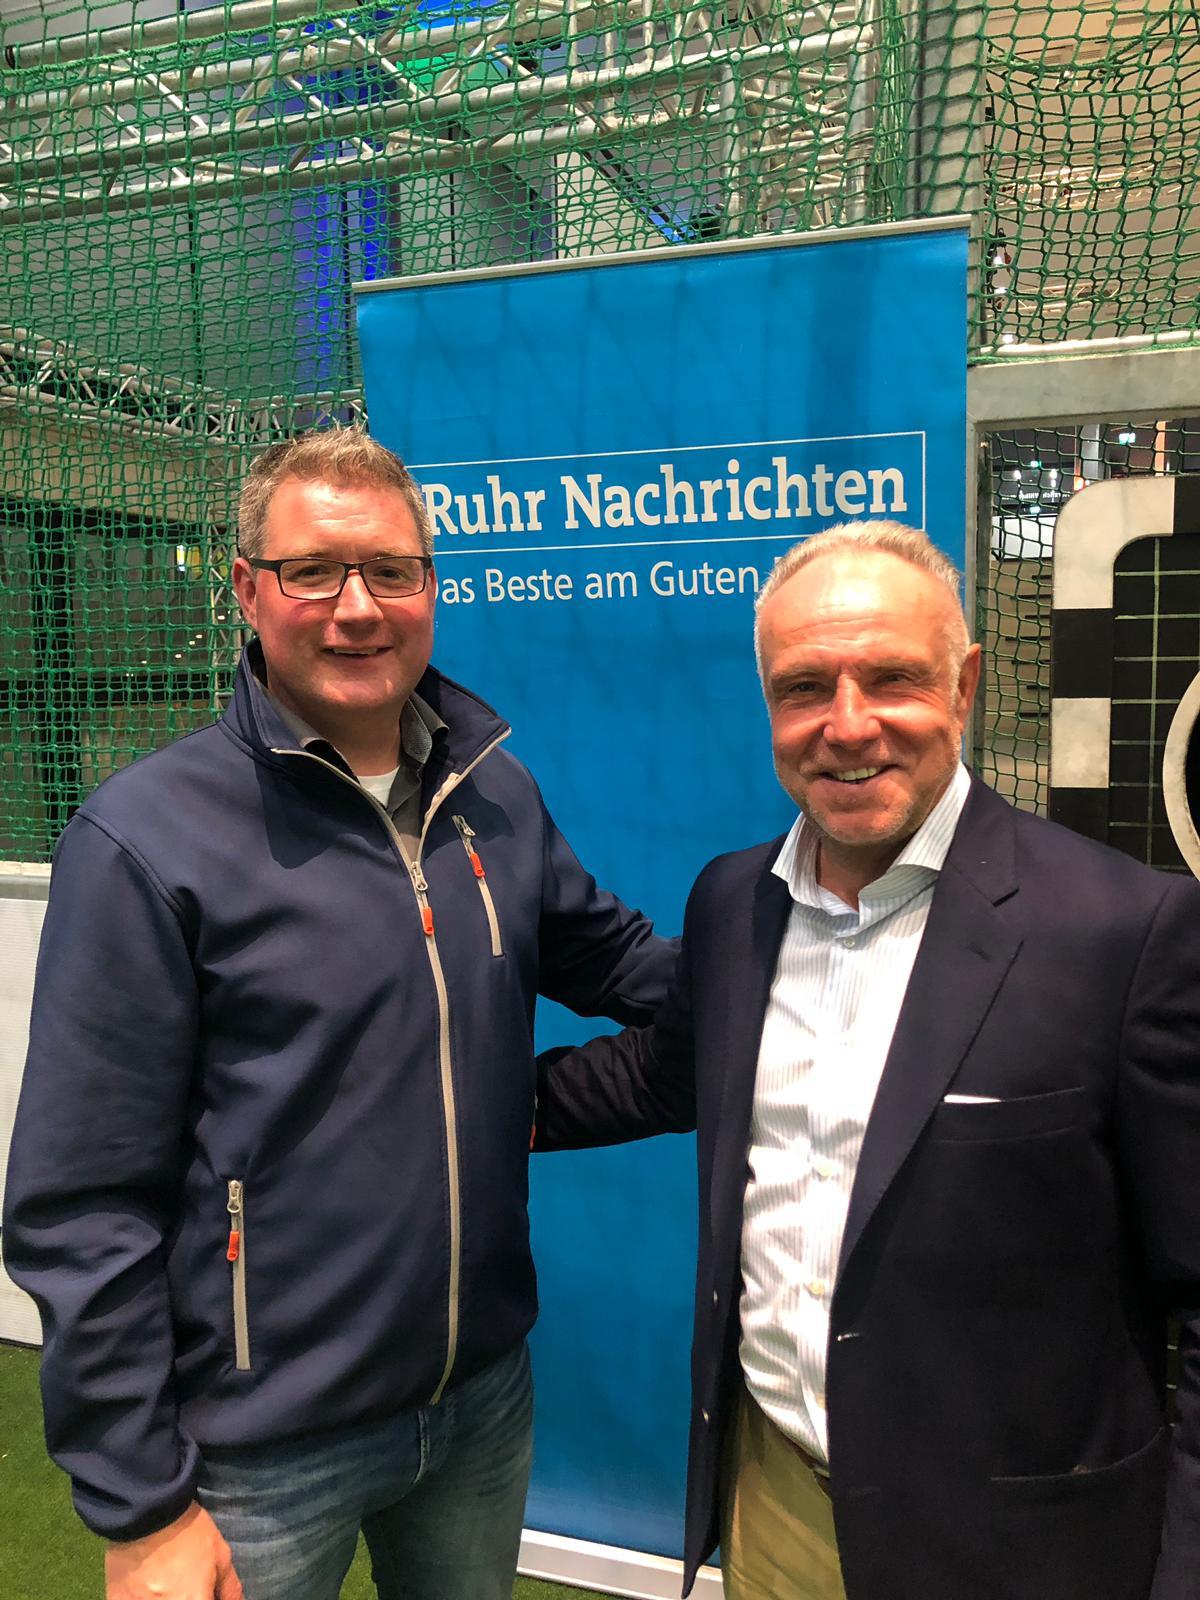 Michael Rummenigge als Gast der Ruhr Nachrichten im Deutschen Fussball Museum